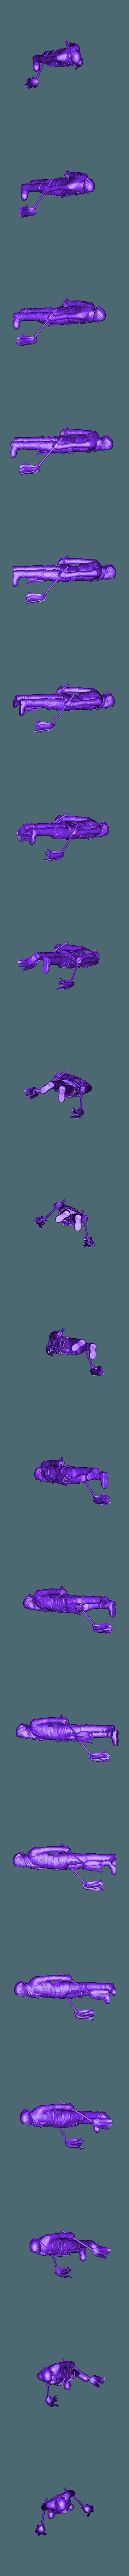 stylized_levi.stl Télécharger fichier STL gratuit Attaque sur Titan : Levi-cleaner • Modèle pour impression 3D, Peanut3DButter